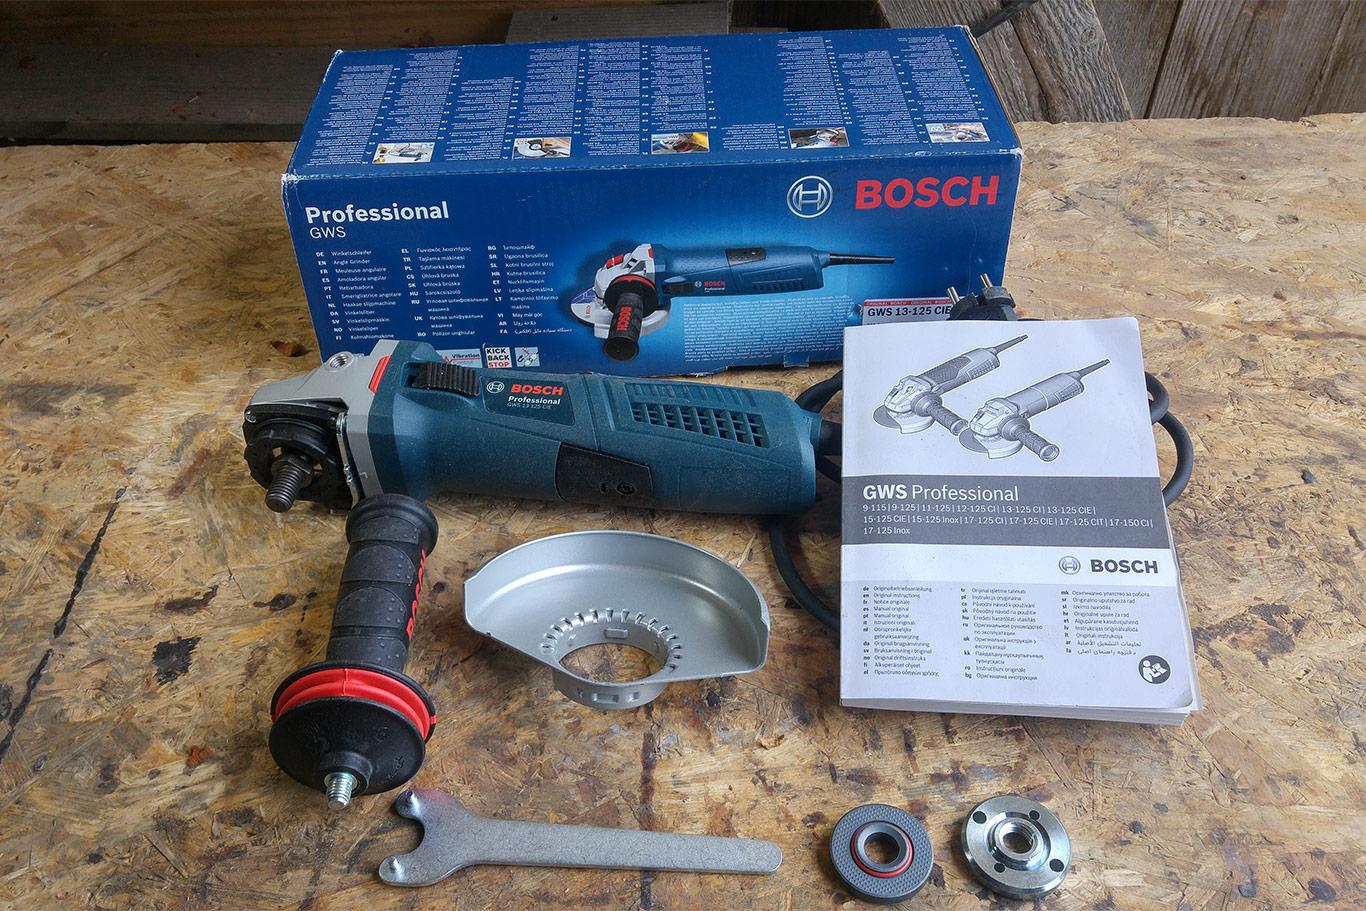 Test Winkelschleifer Bosch Professional Gws 13 125 Cietueftler Und